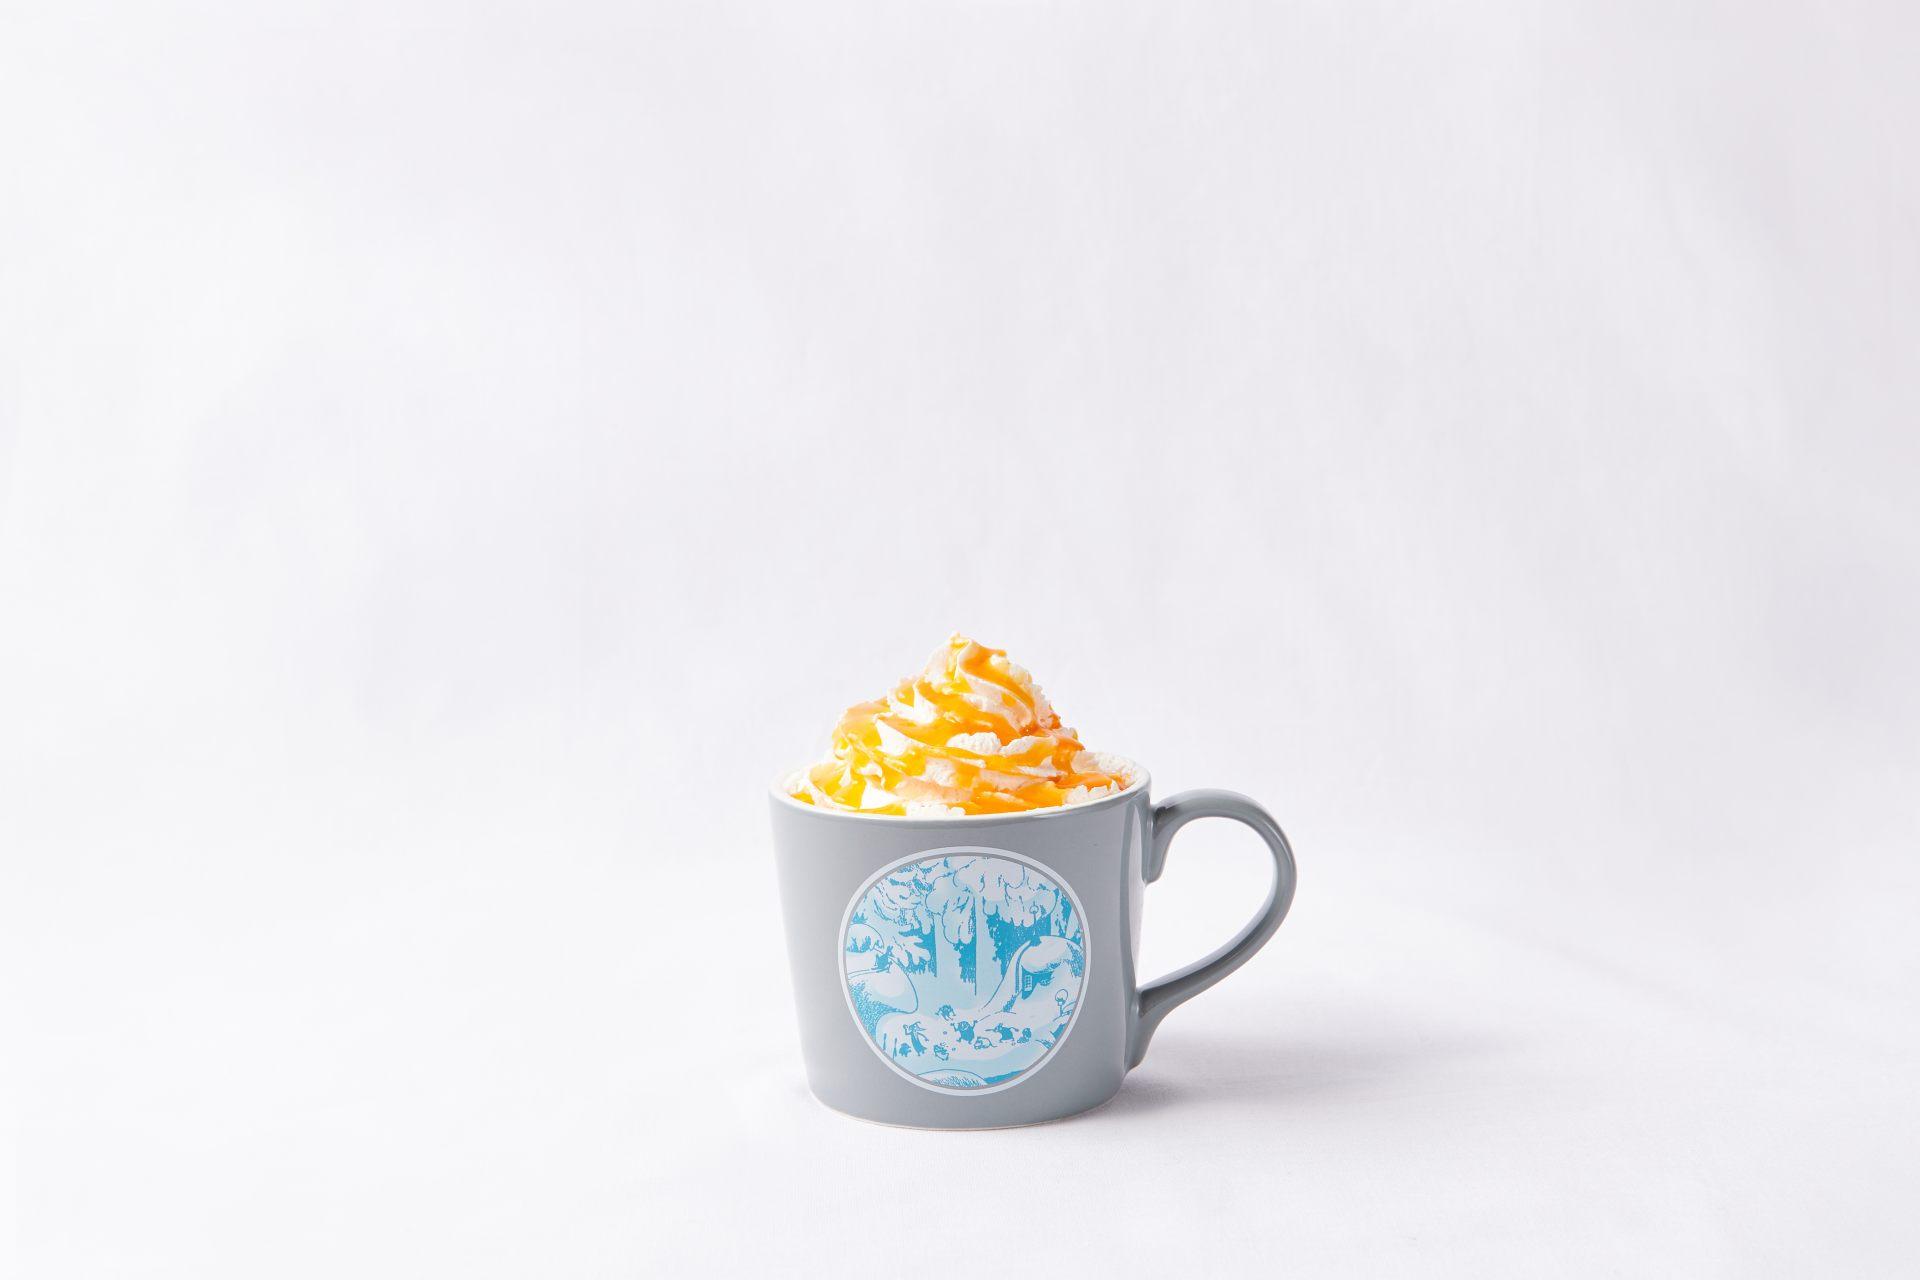 热鲜橙拿铁(715日元)